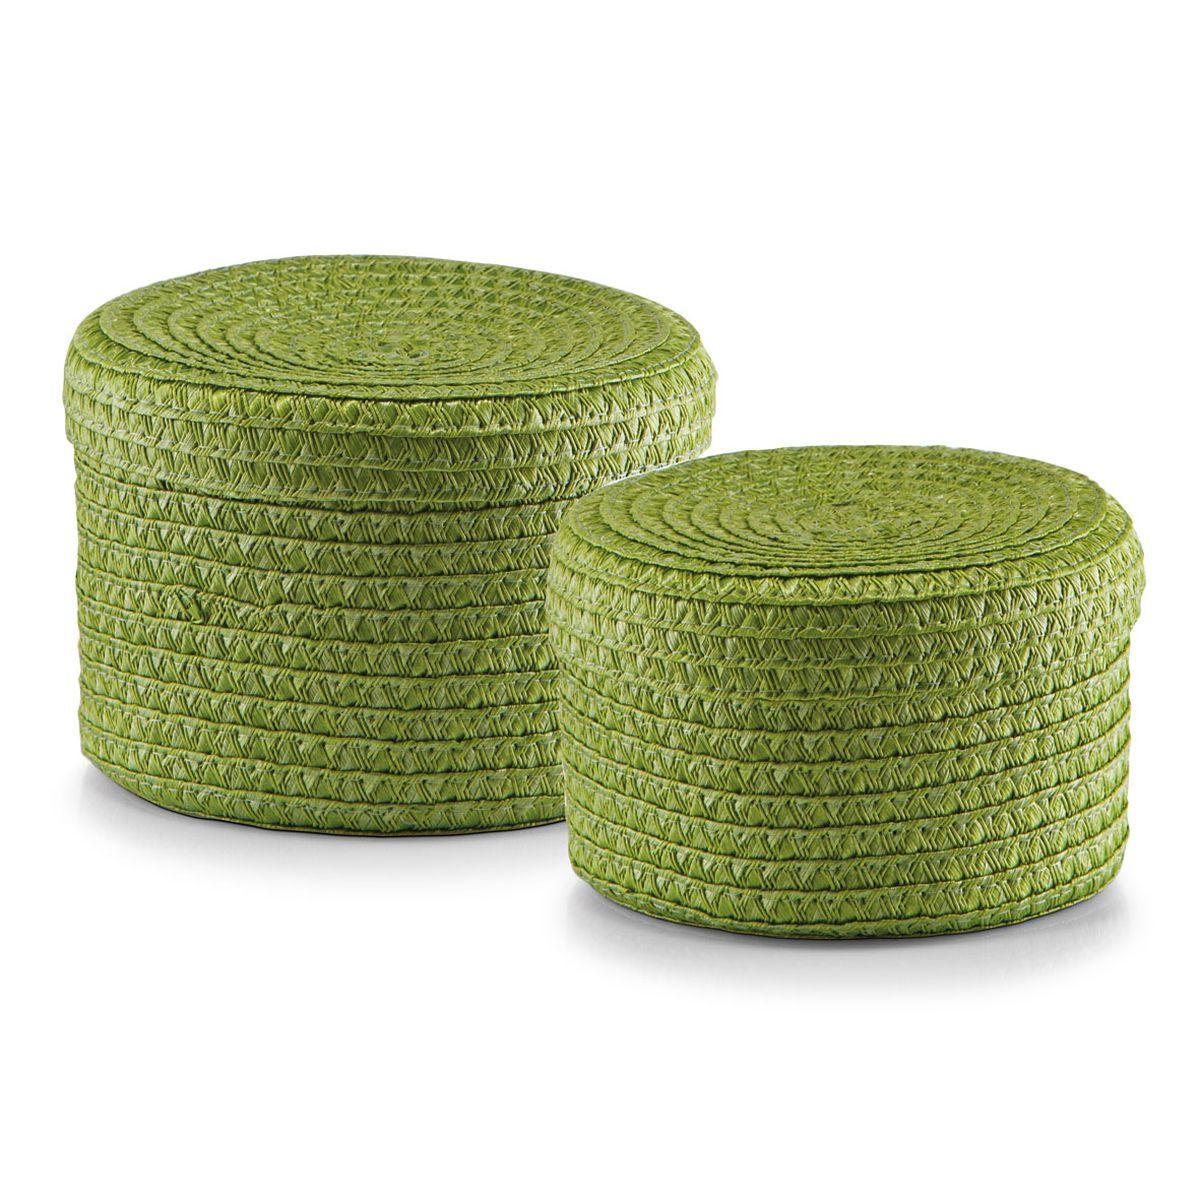 Набор корзин Zeller с крышками, цвет: зеленый, 2 шт74-0120Набор Zeller состоит из двух корзин разного размера. Корзинки изготовлены из текстиля и оснащены крышками. Изделия идеально подходят для упаковки подарков, цветочных композиций и подарочных наборов, для хранения различных вещей и аксессуаров. Так же они являются прекрасным декоративным элементом интерьера.Такие корзины будут создавать уют и комфорт в вашем доме и станут отличным подарком. Диаметр корзин: 16 см, 17 см. Высота корзин: 10 см, 12 см.